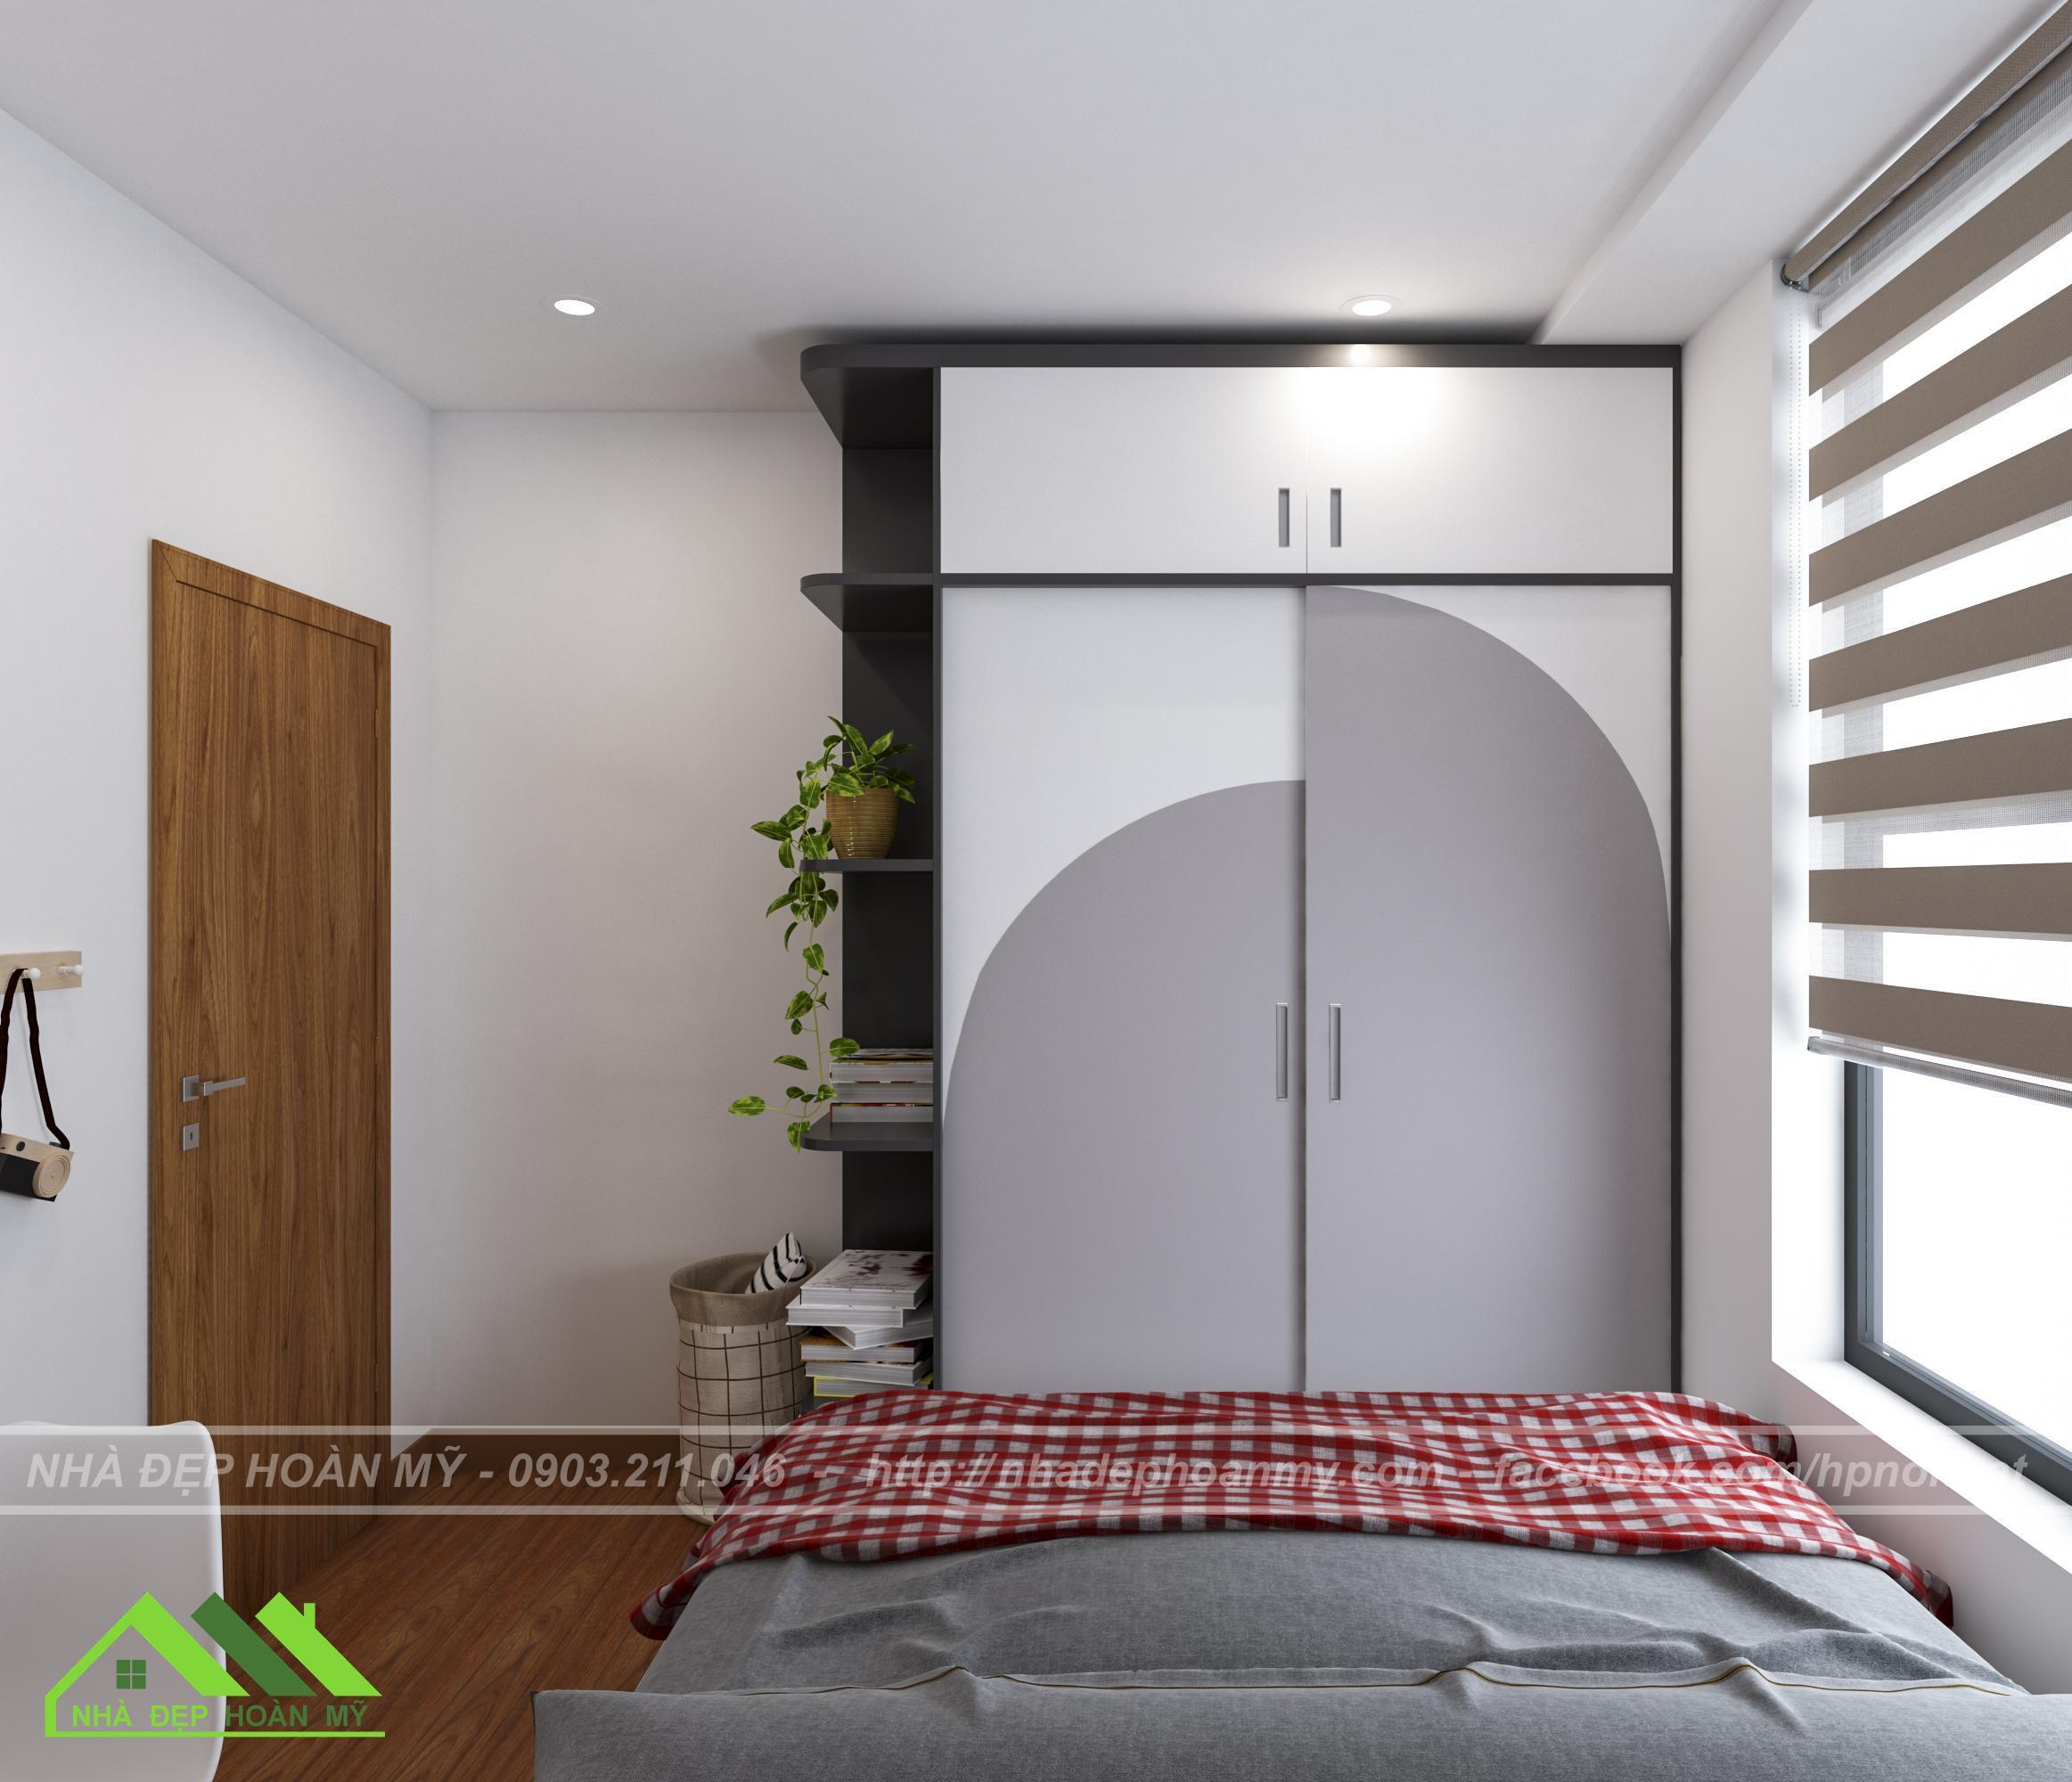 Phòng ngủ nhà đẹp hoàn mỹ